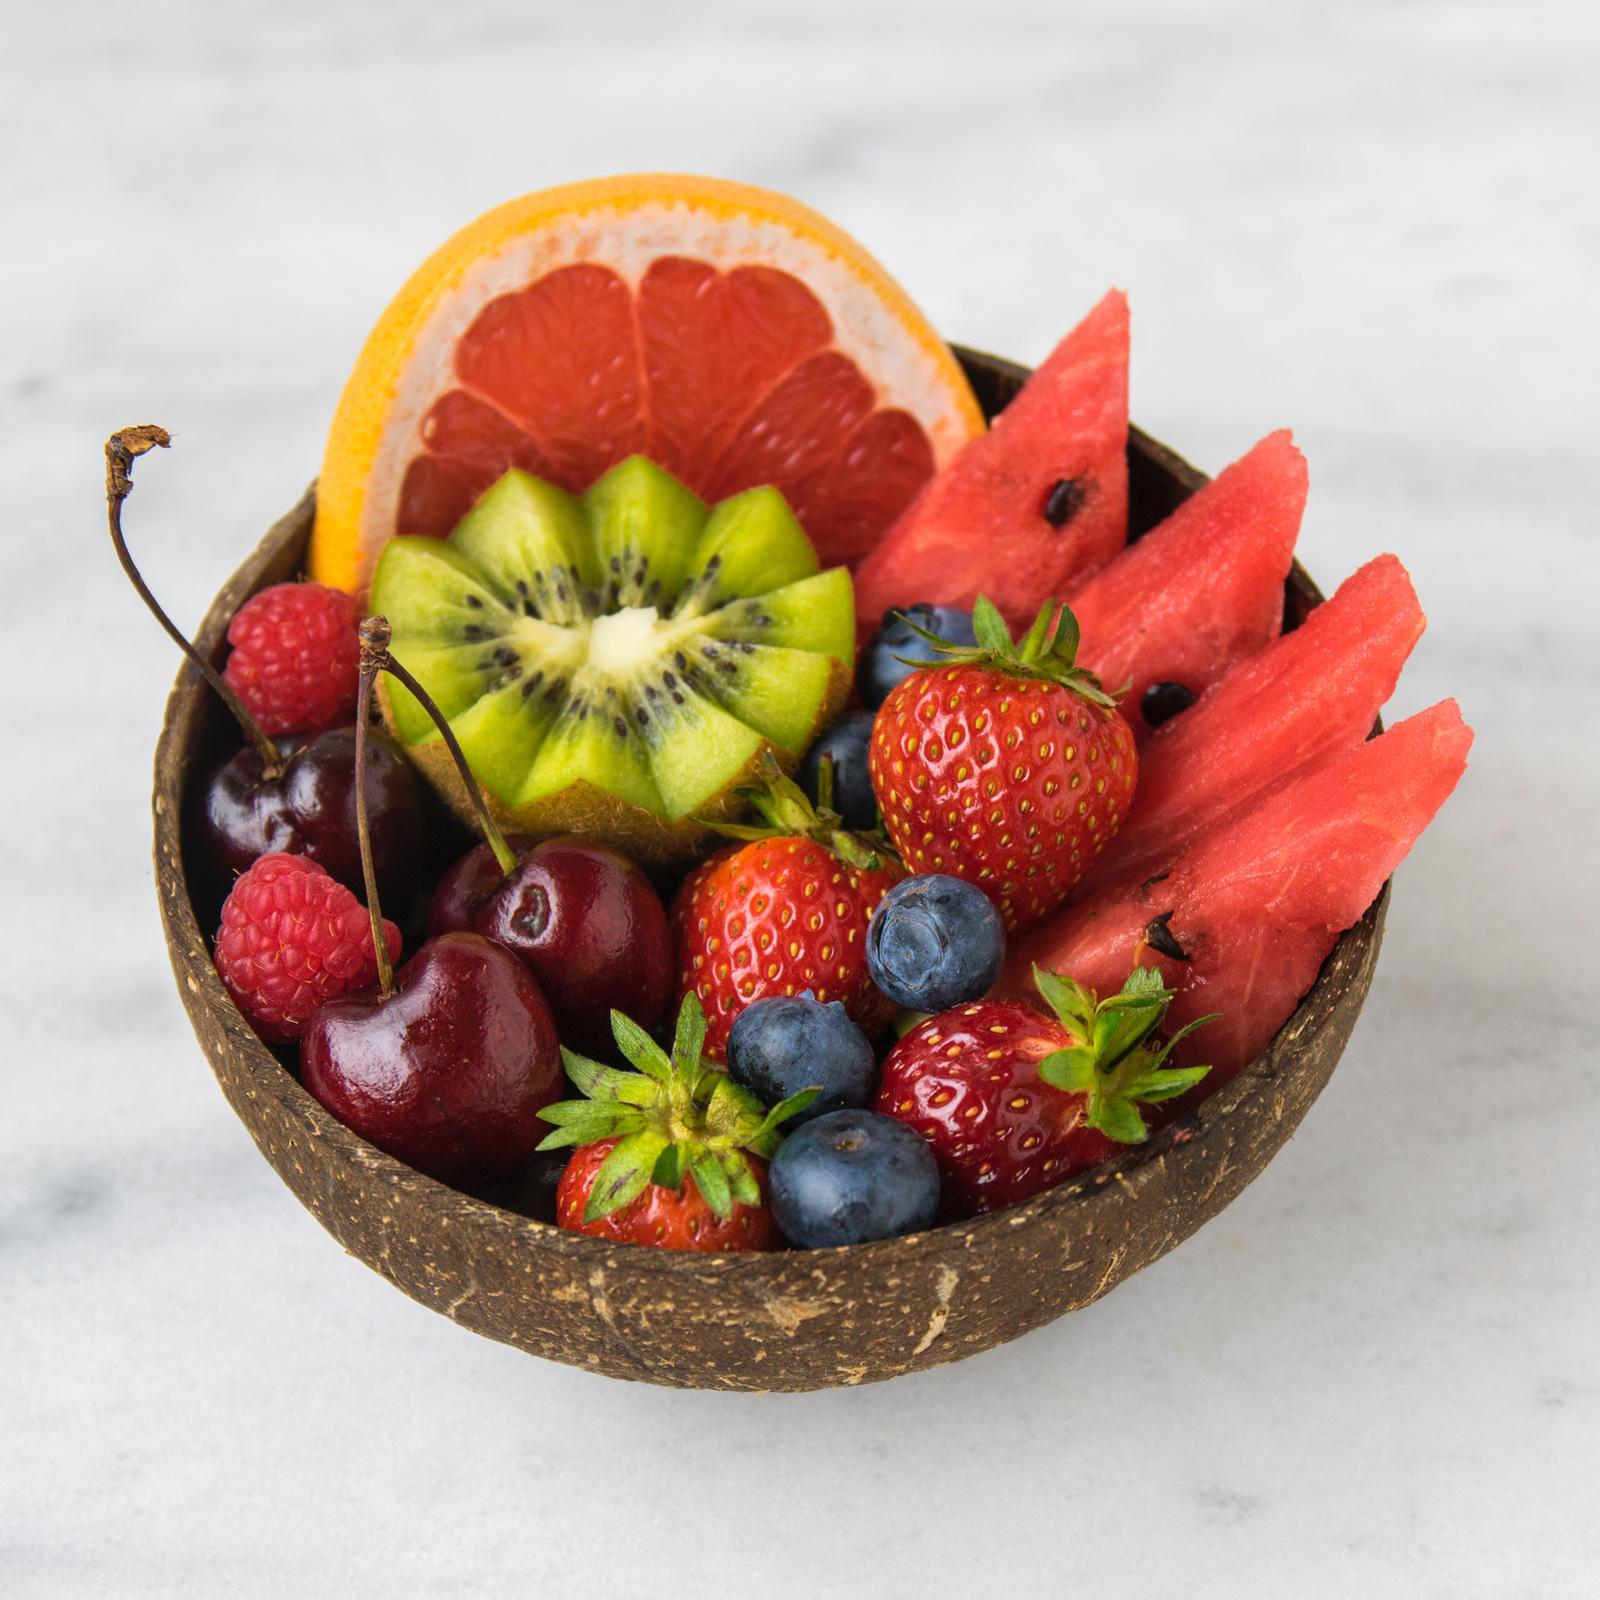 Süße Energielieferanten: Wer auf Industriezucker verzichtet, weiß die Fruchtsüße wieder mehr zu schätzen.